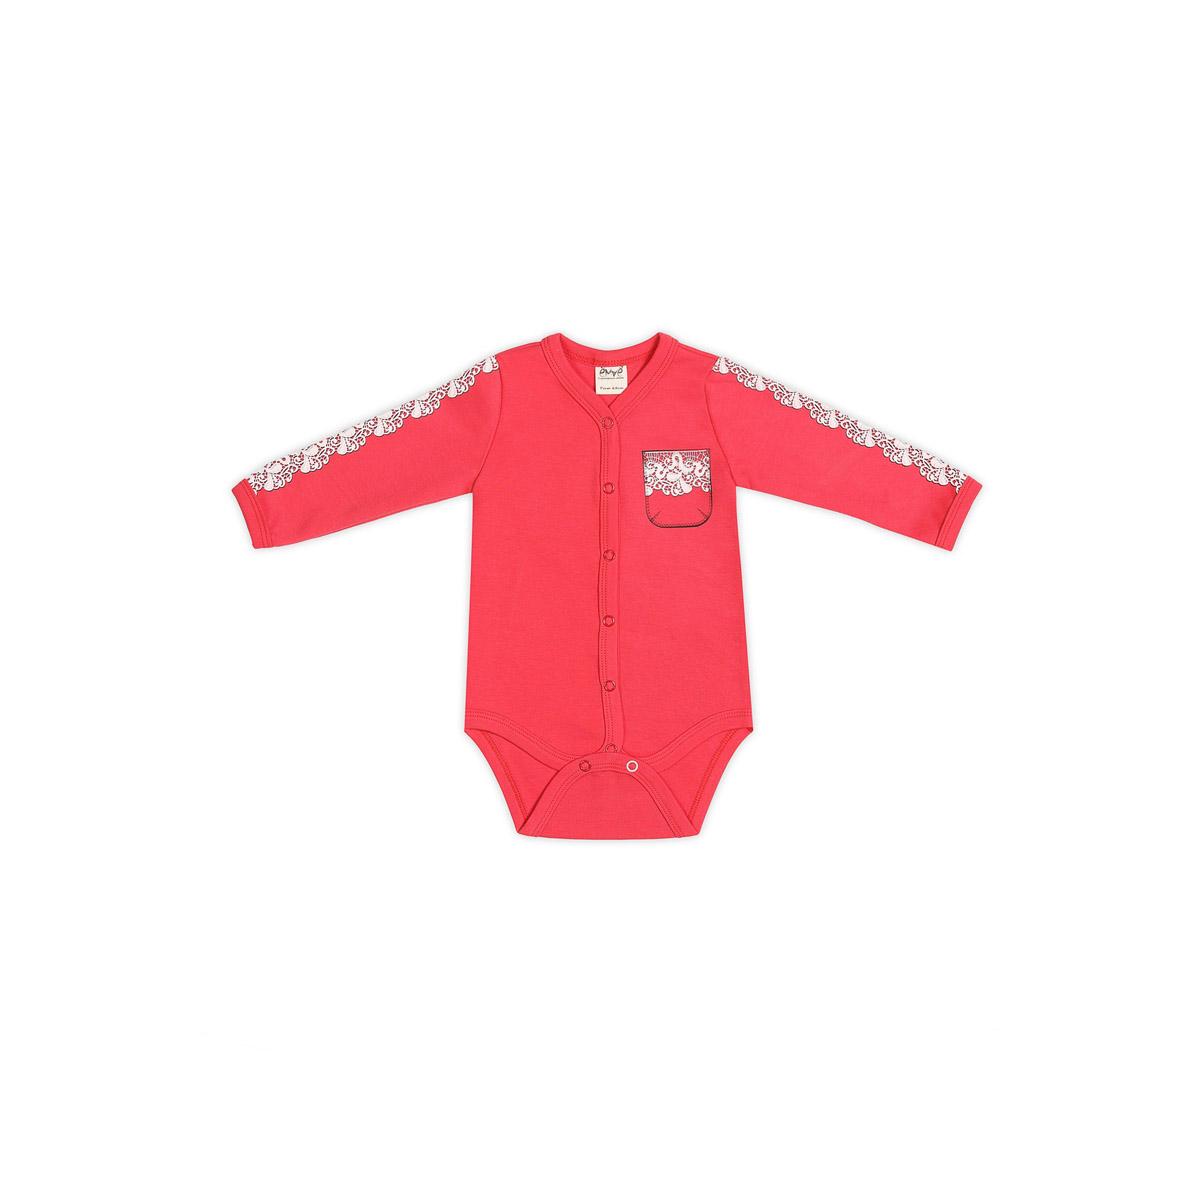 Боди Ёмаё Спорт (24-261) рост 56 ярко-розовый<br>